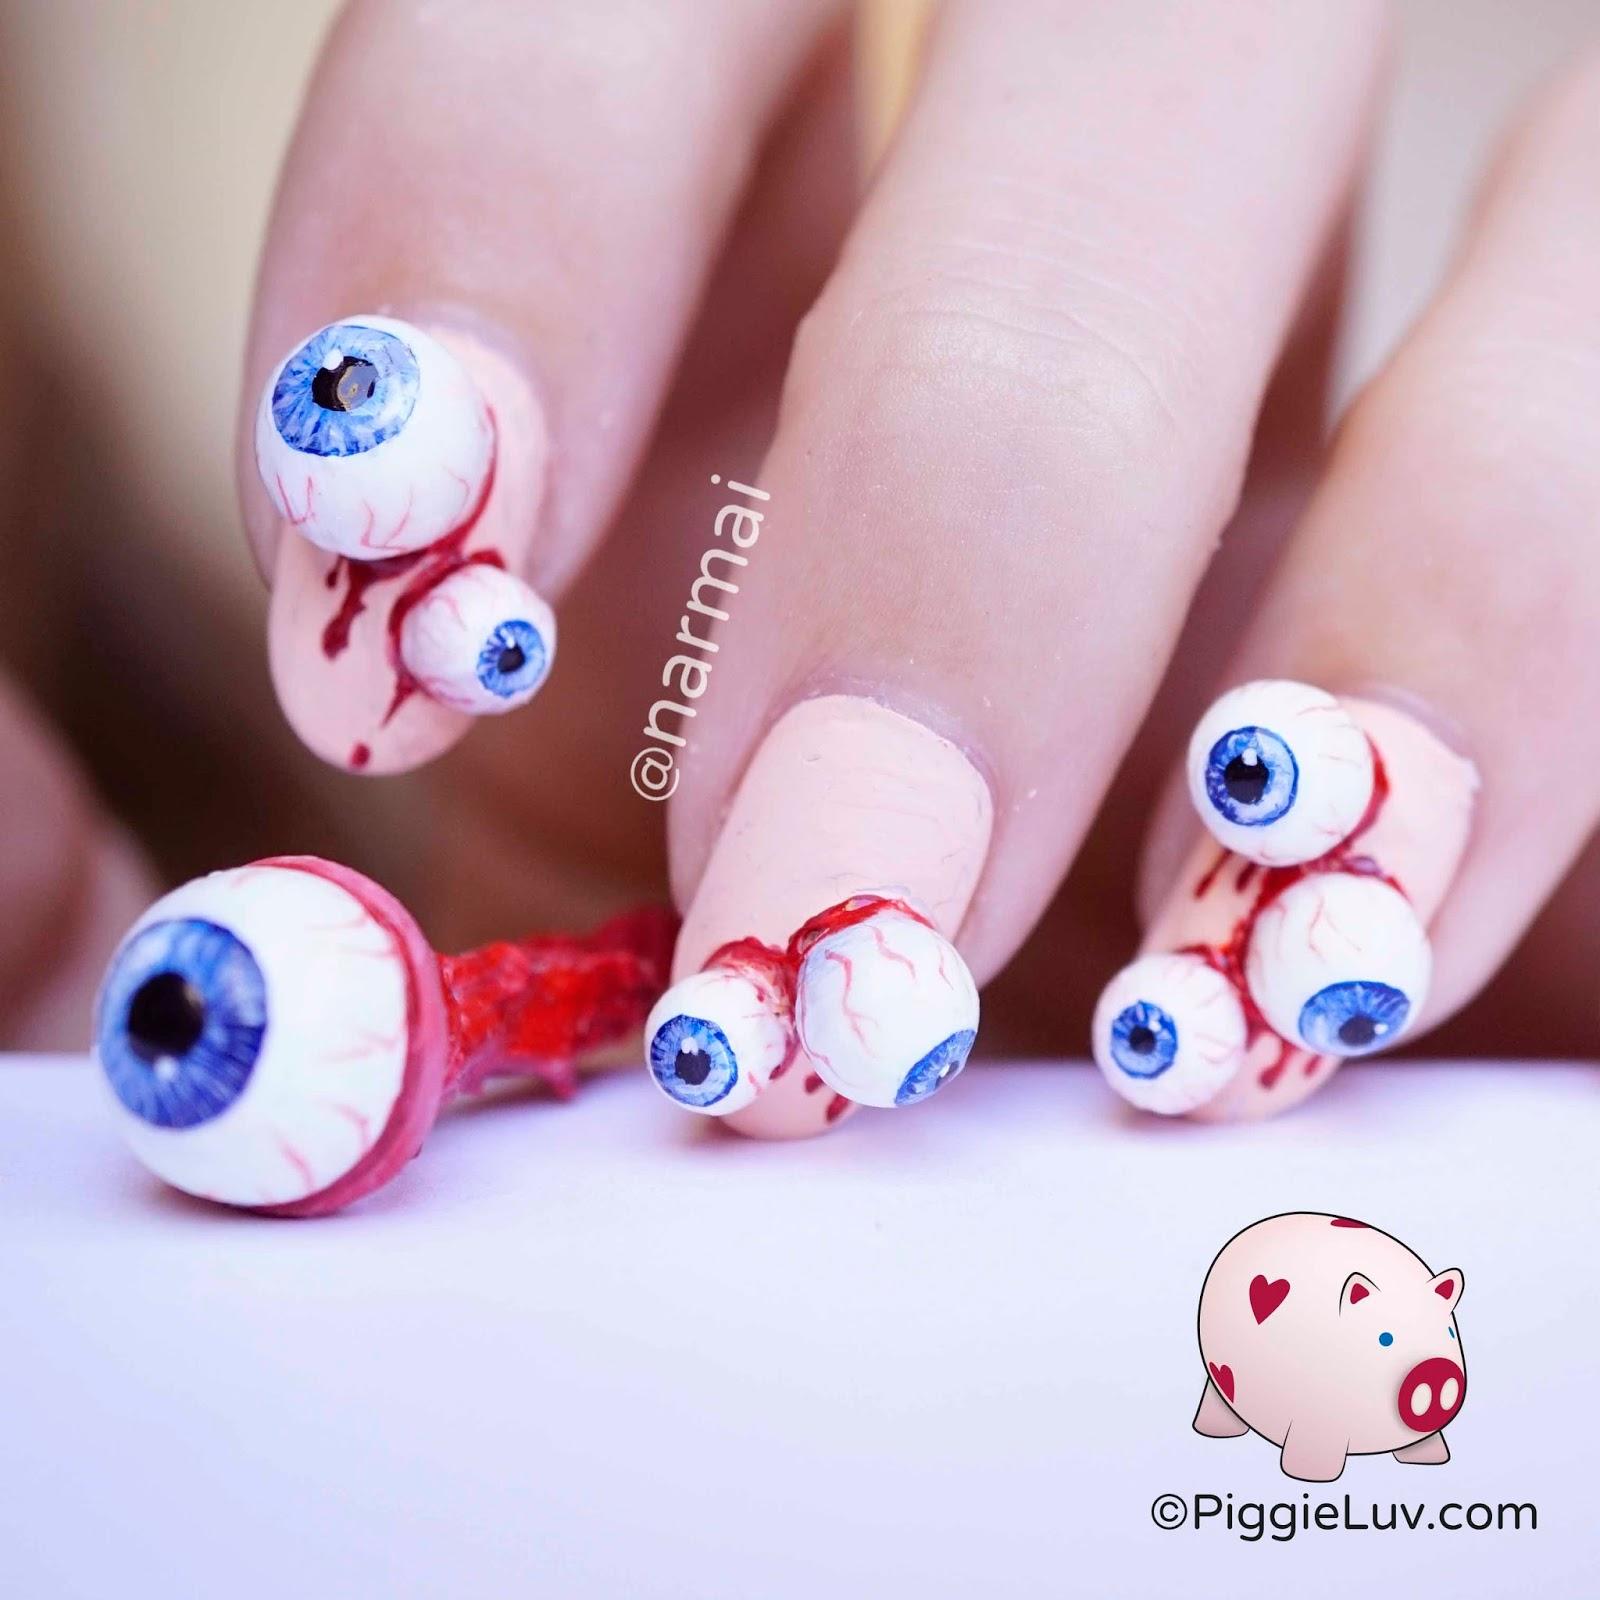 piggieluv: eyeballs nail art for halloween